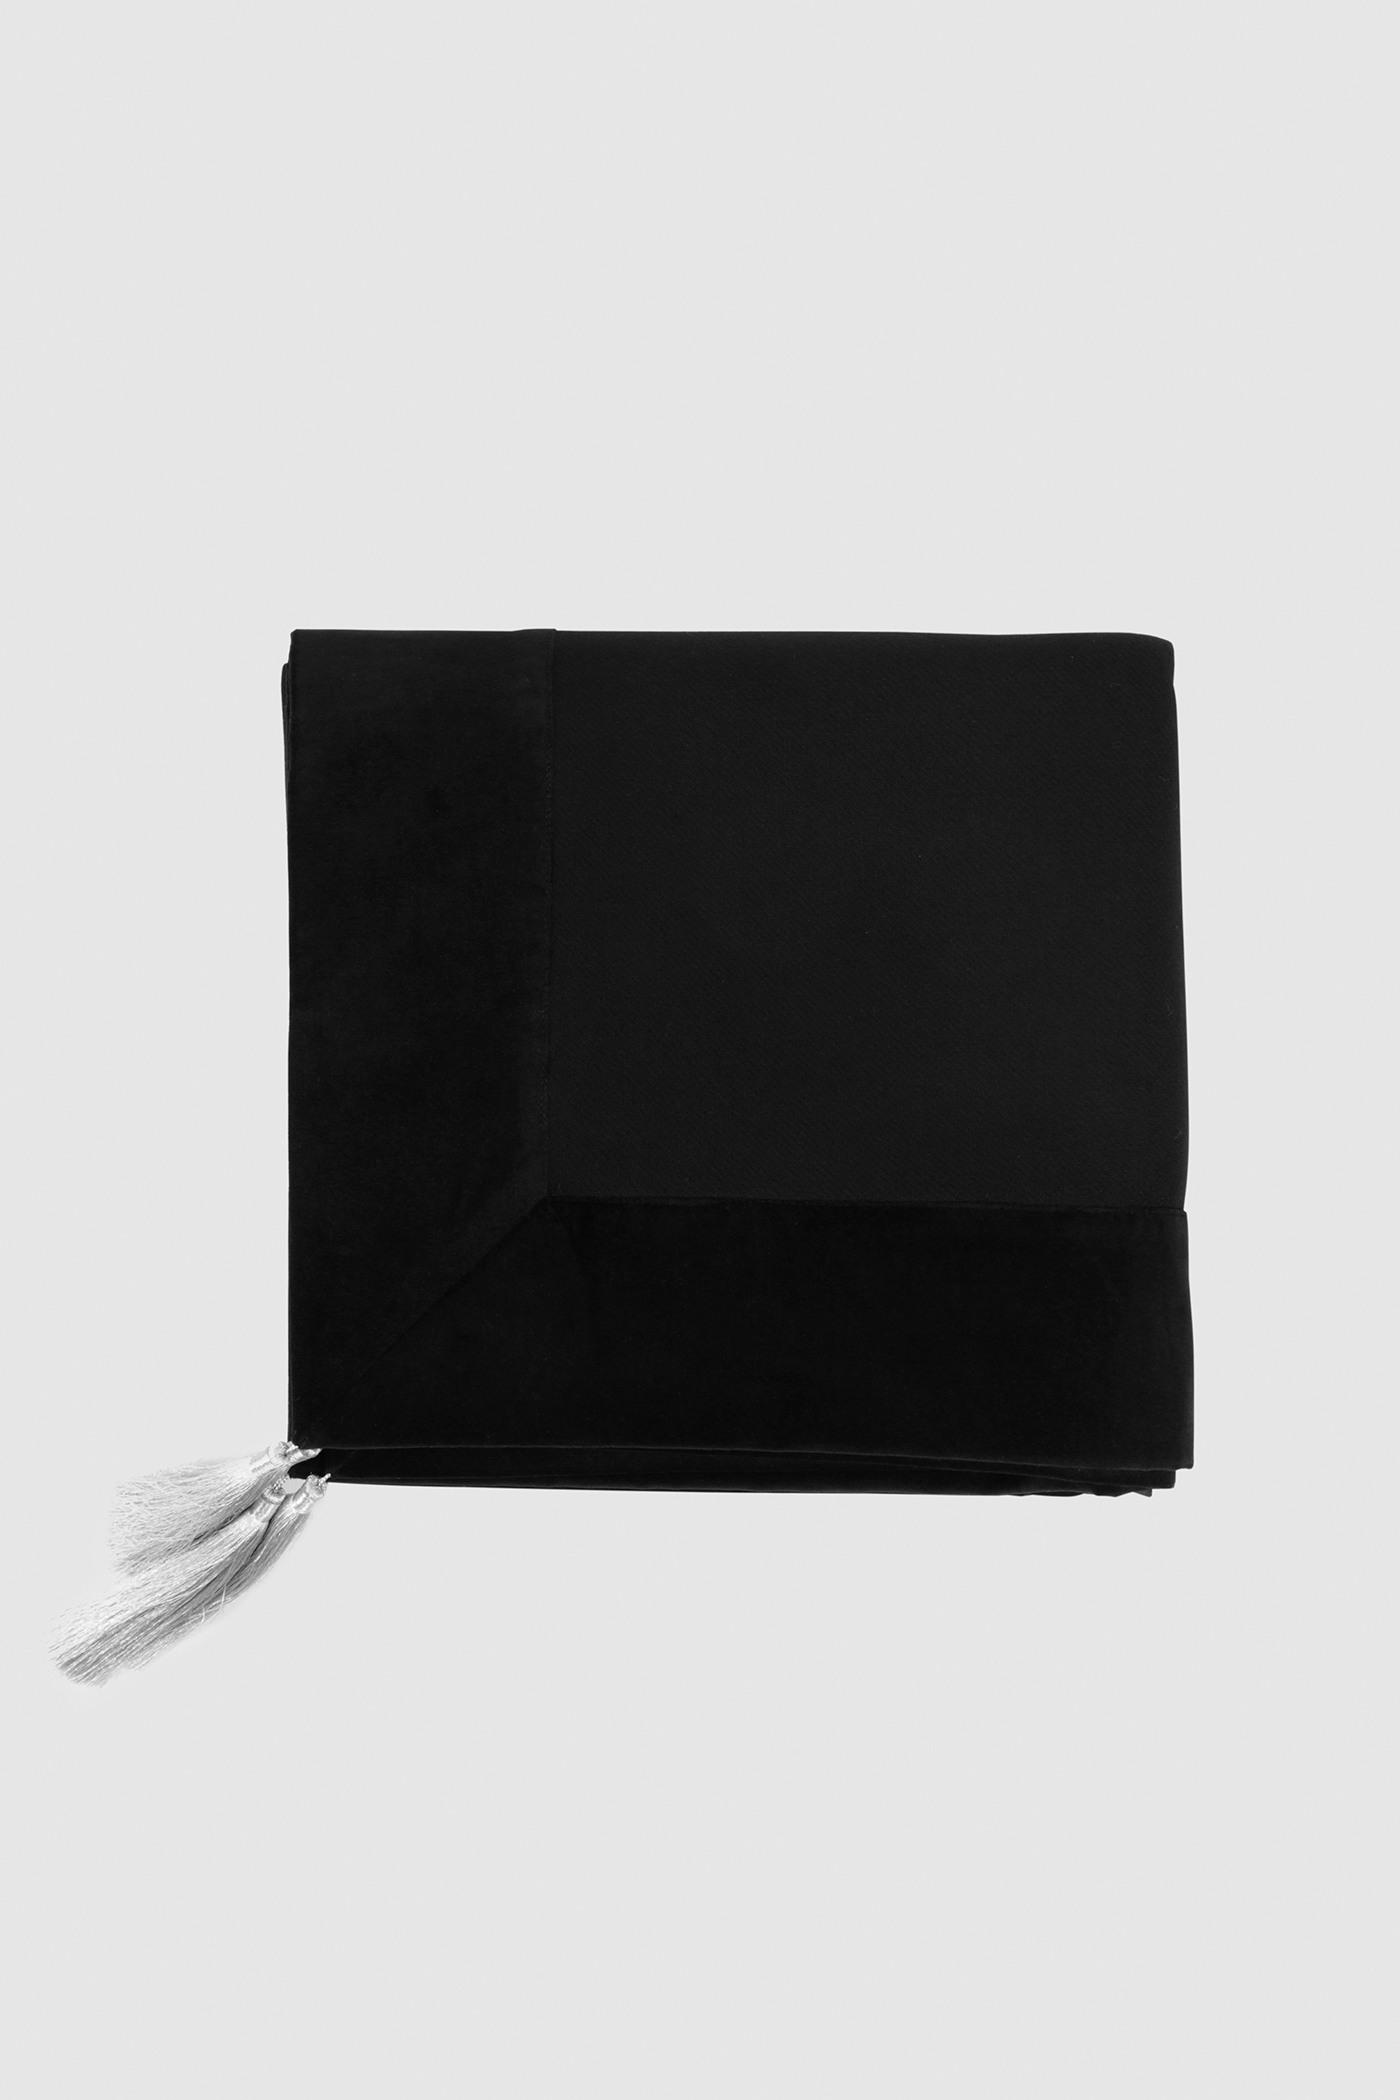 Плед c бархатной отделкойДвусторонний шерстяной плед с декоративными кисточками.&#13;<br>Модель выполнена из 100% шерсти с отделкой из бархата. Уютный и тёплый, он согреет вас и отлично впишется в любой интерьер.&#13;<br>Размеры: 145х145 см<br><br>Цвет: Черный